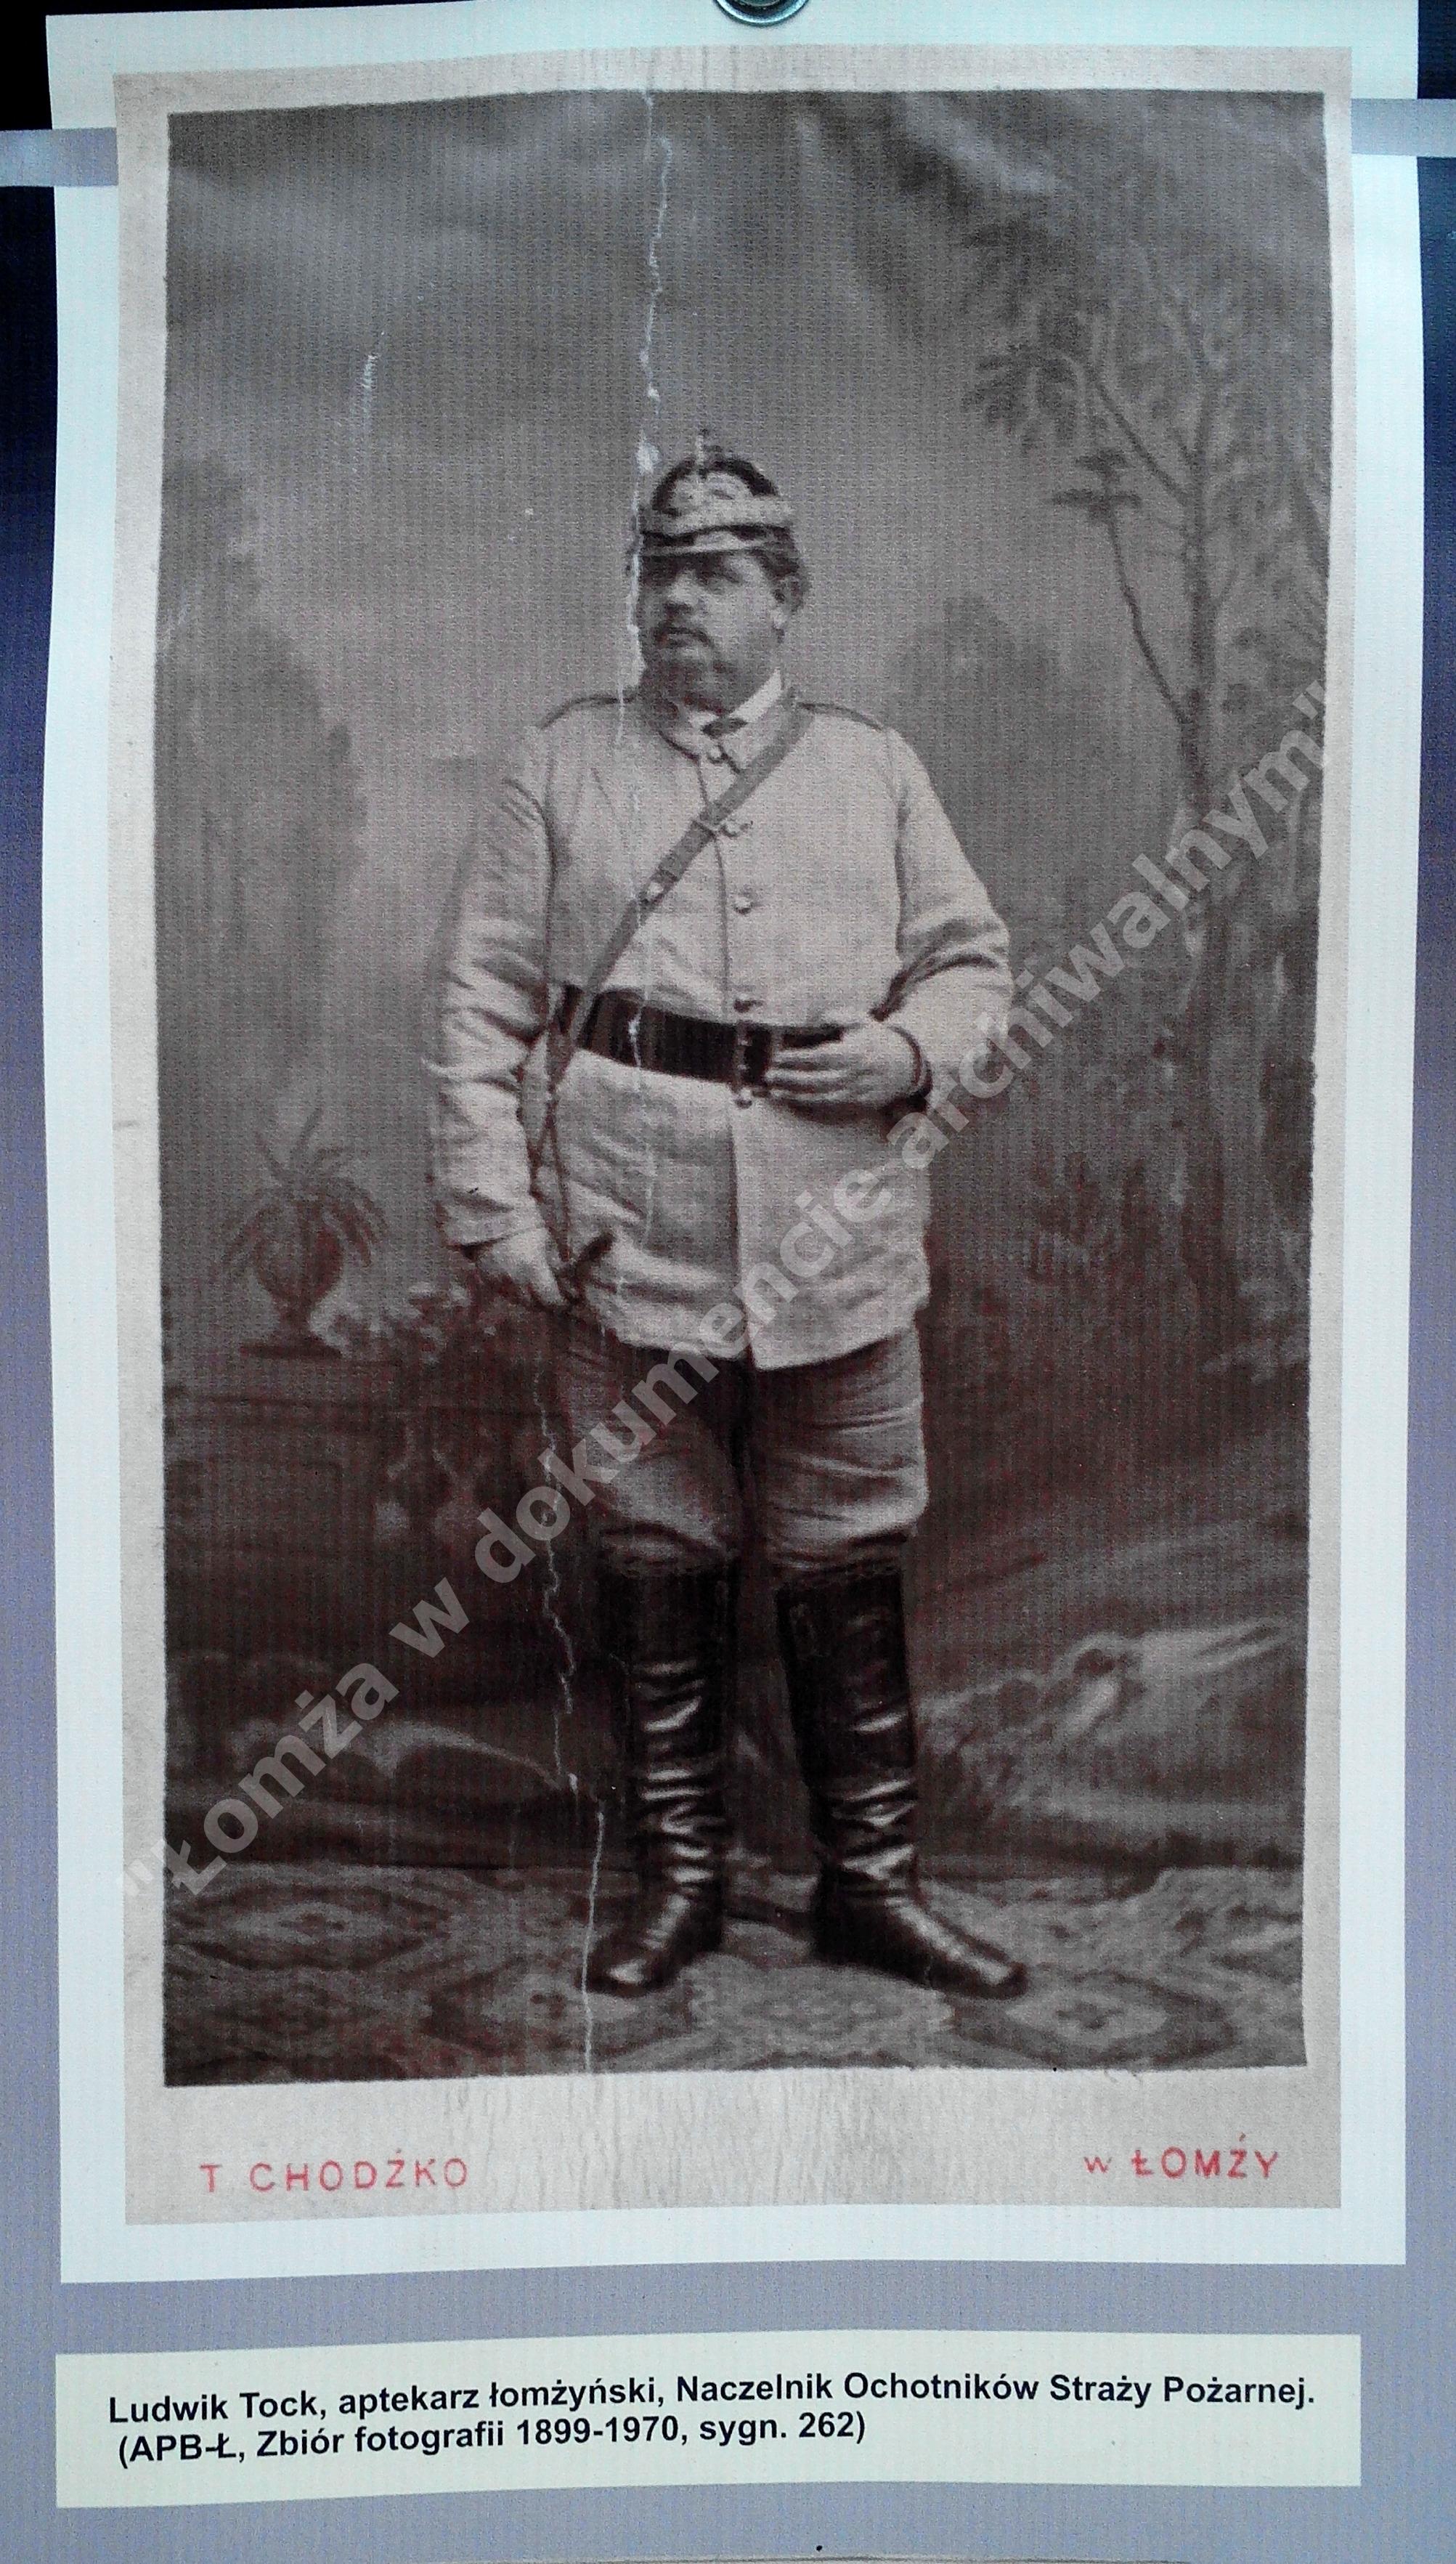 Ludwik Tock, aptekarz - Naczelnik Ochotników Straży Pożarnej w Łomży